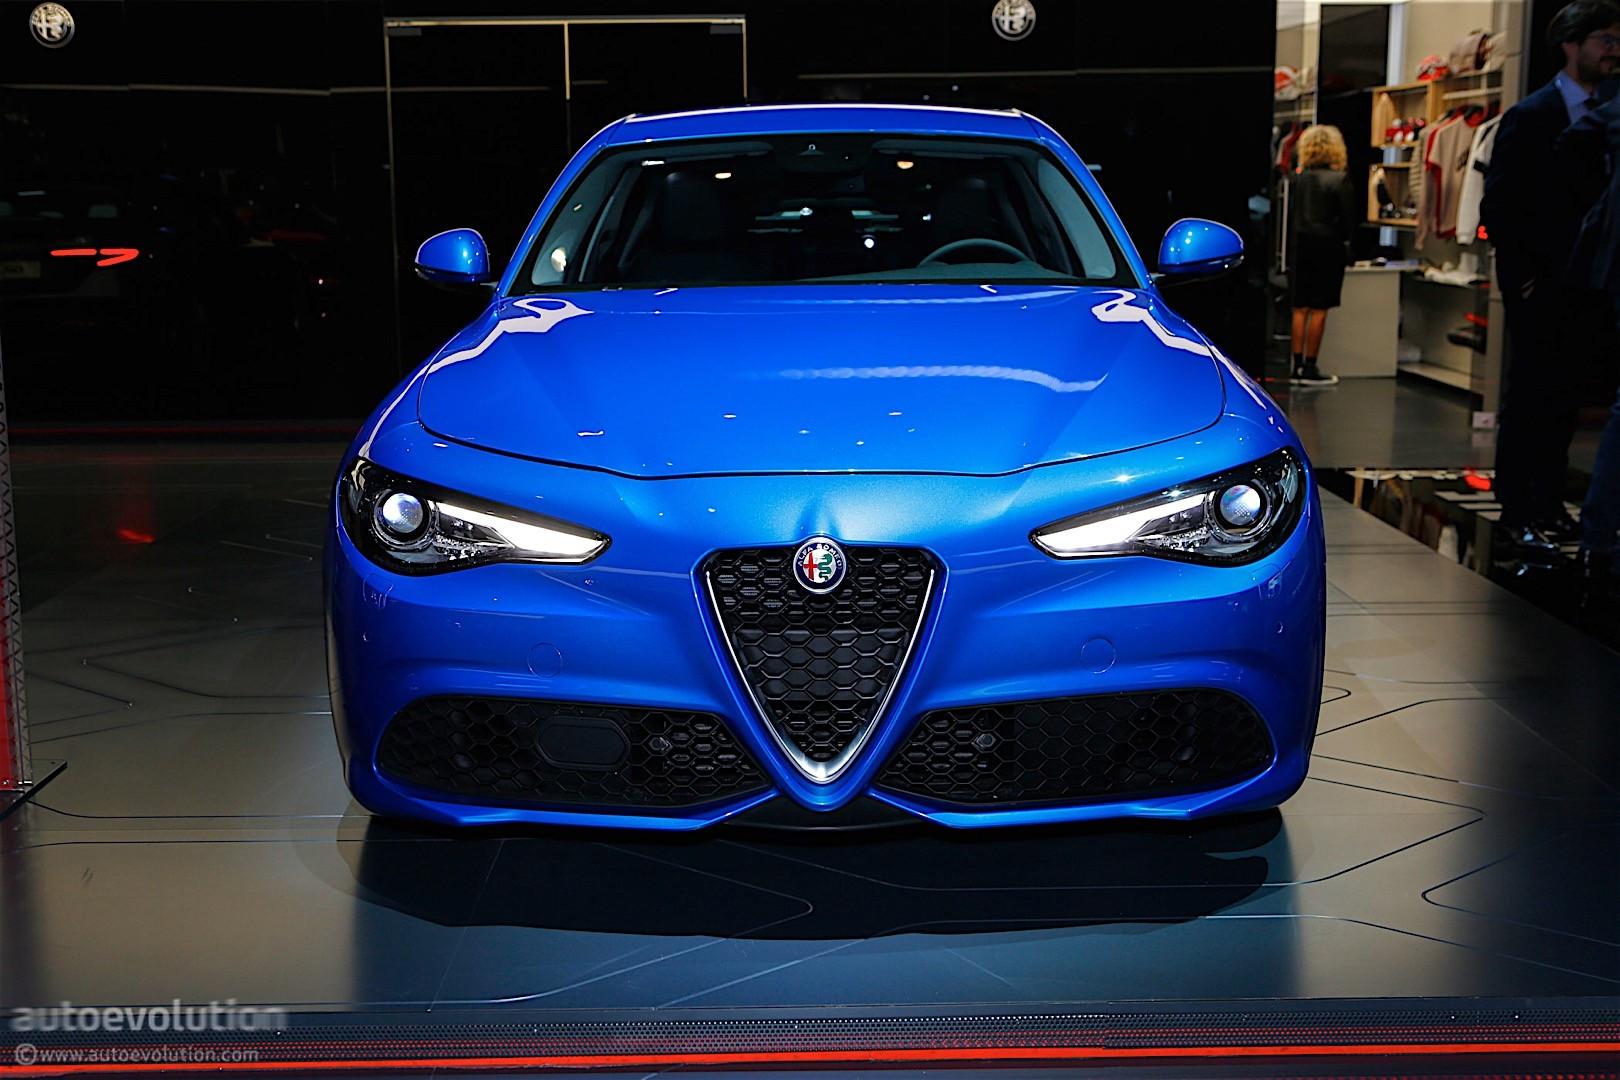 Alfa Giulia Veloce >> Alfa Romeo Giulia Veloce Bows In Paris In Stunning Blue - autoevolution